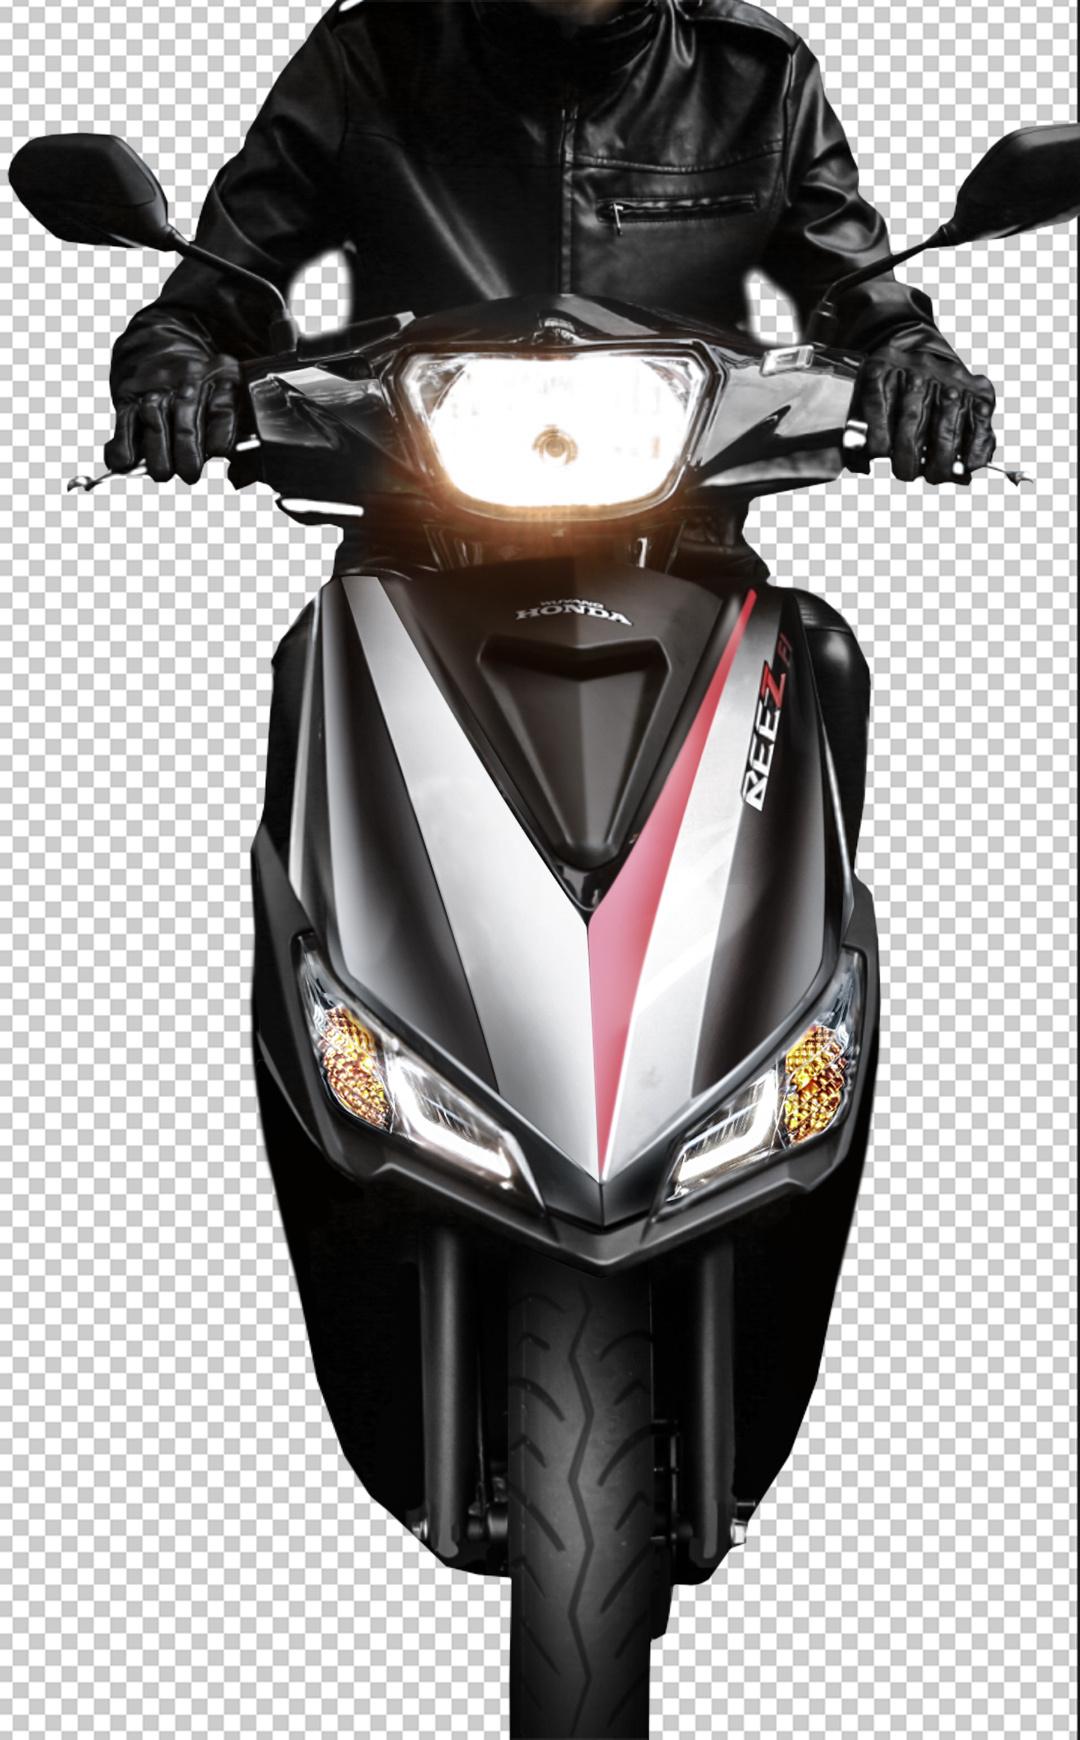 踏板摩托车H5v踏板,视频抽帧修图。军训视频背景图片